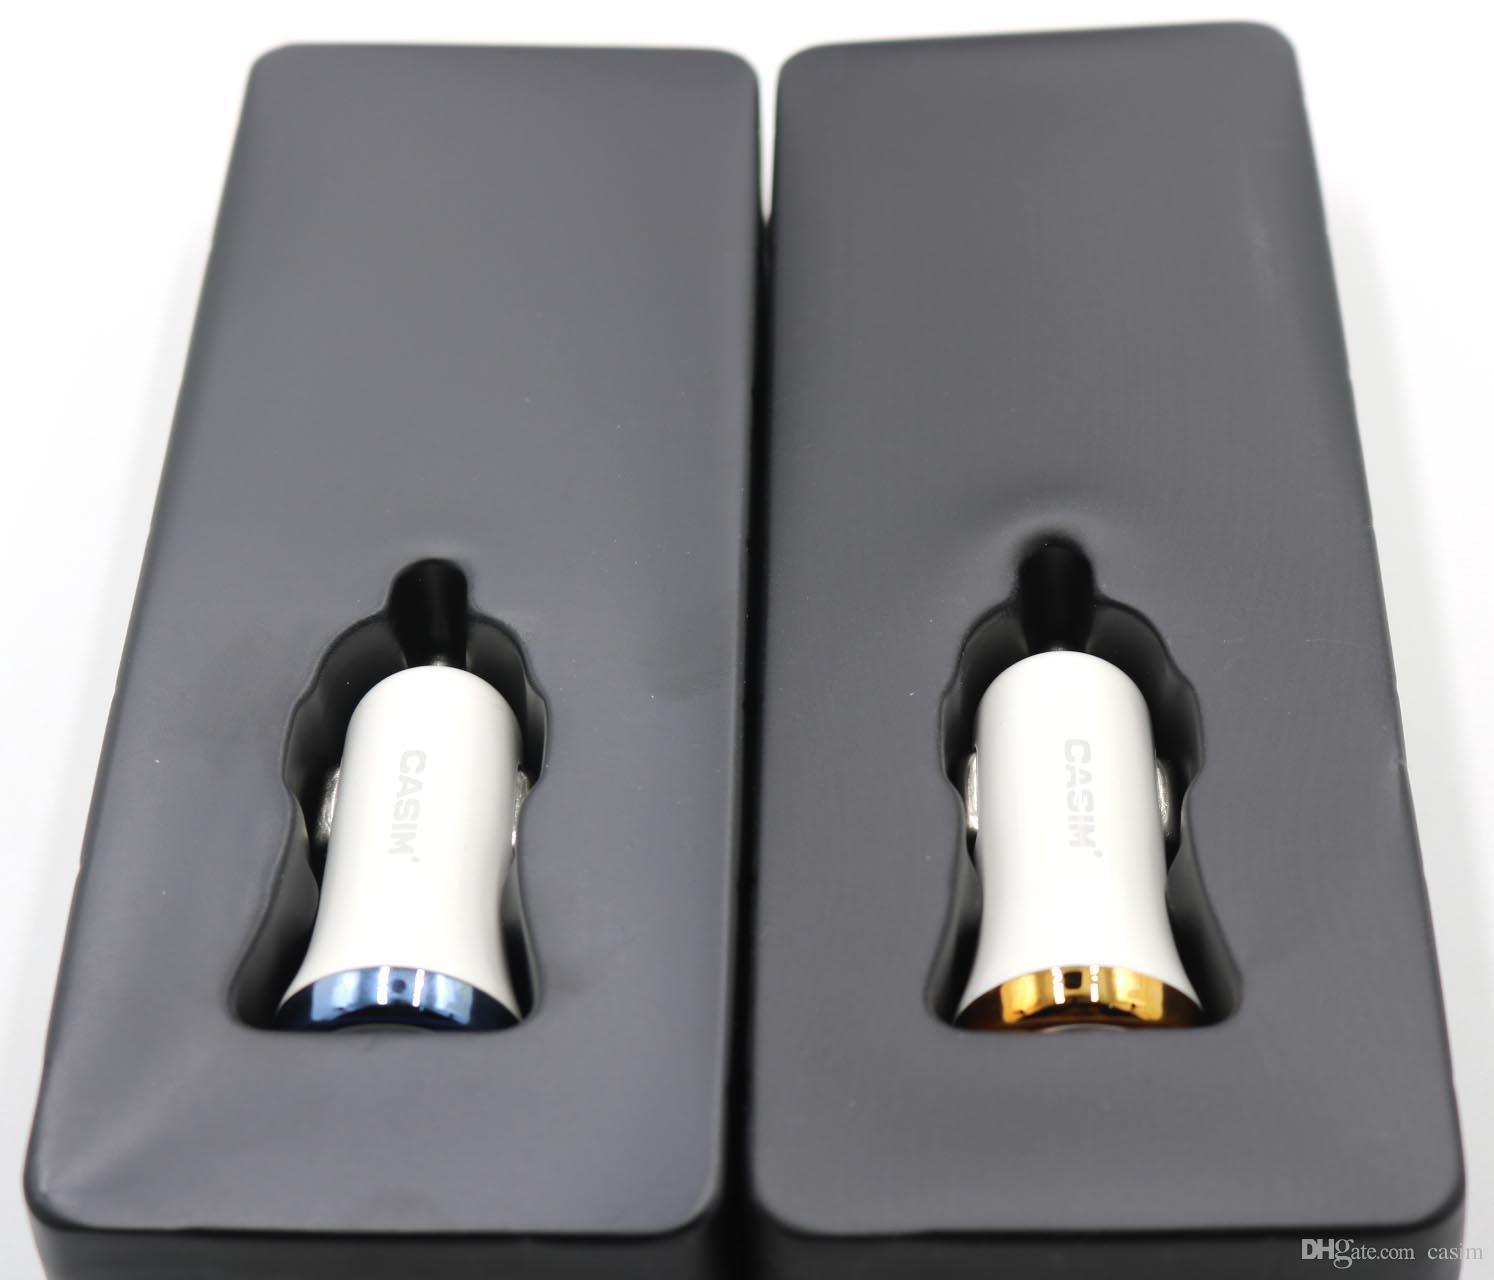 Casim Hızlı Şarj 3.0 24 W Çift USB Araç Şarj Adaptörü iphone 5 5 S 6 s8 7 Artı